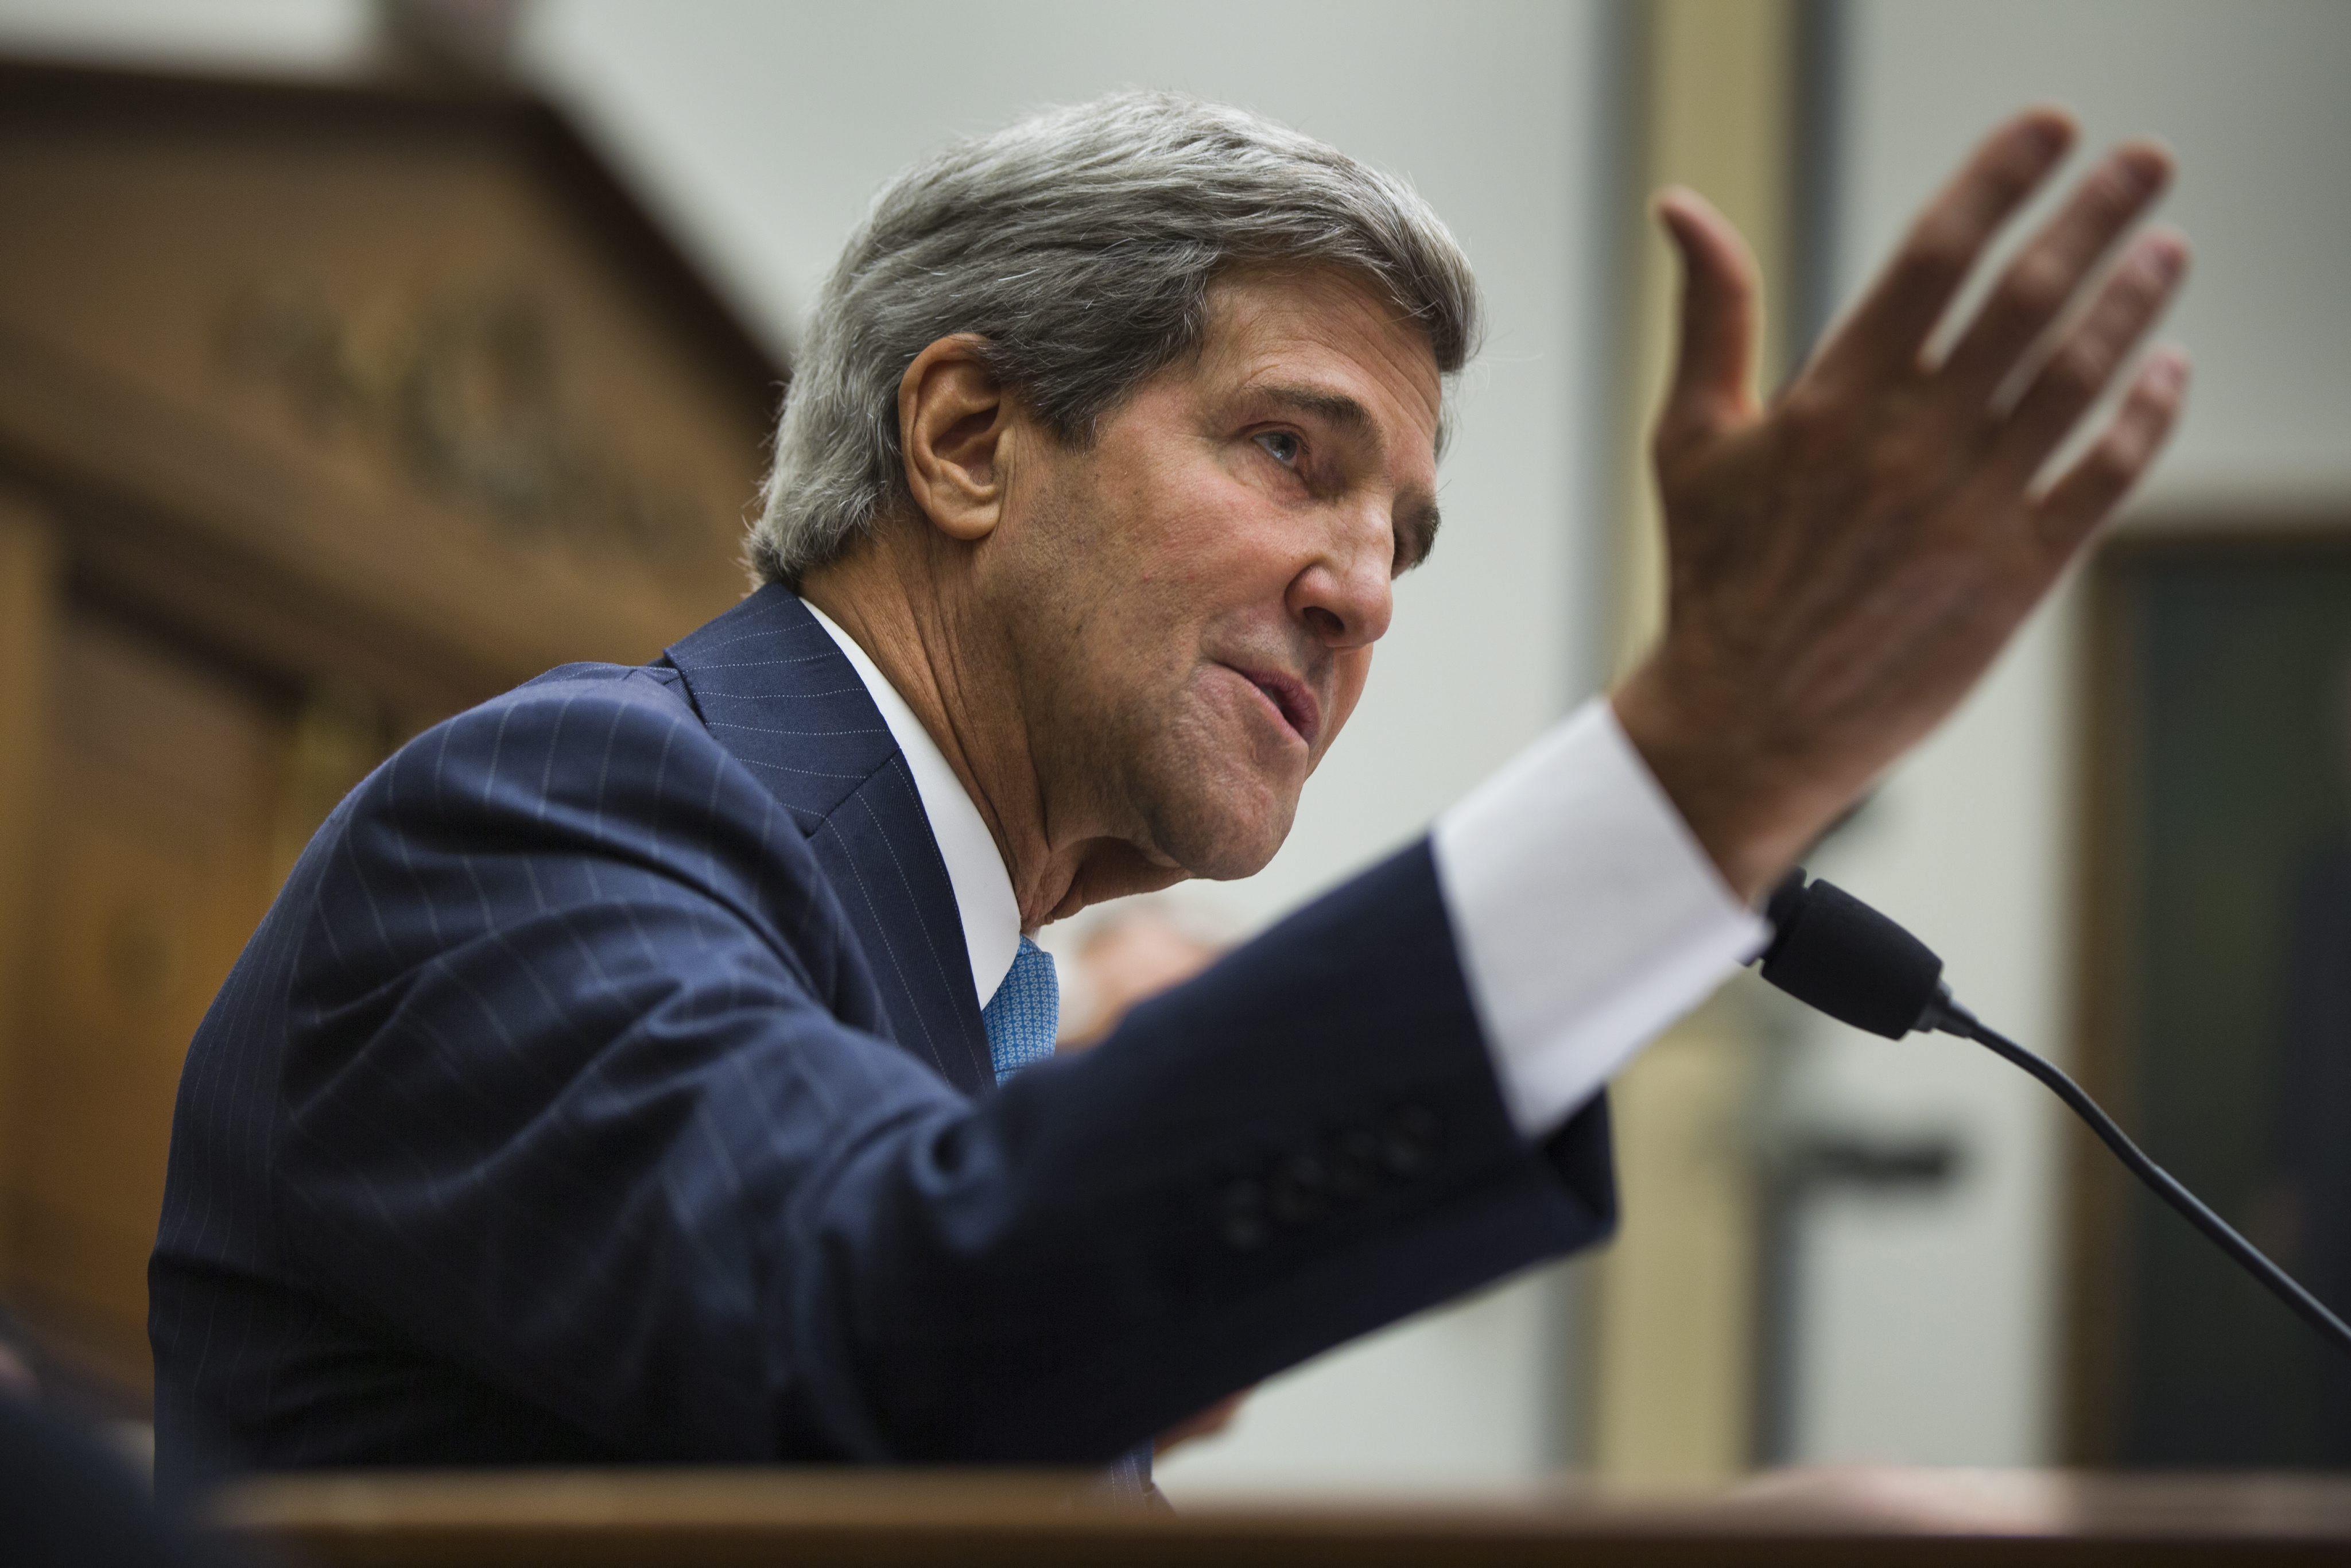 Kerry pide a Rusia un plan vinculante y con consecuencias si Siria no cumple